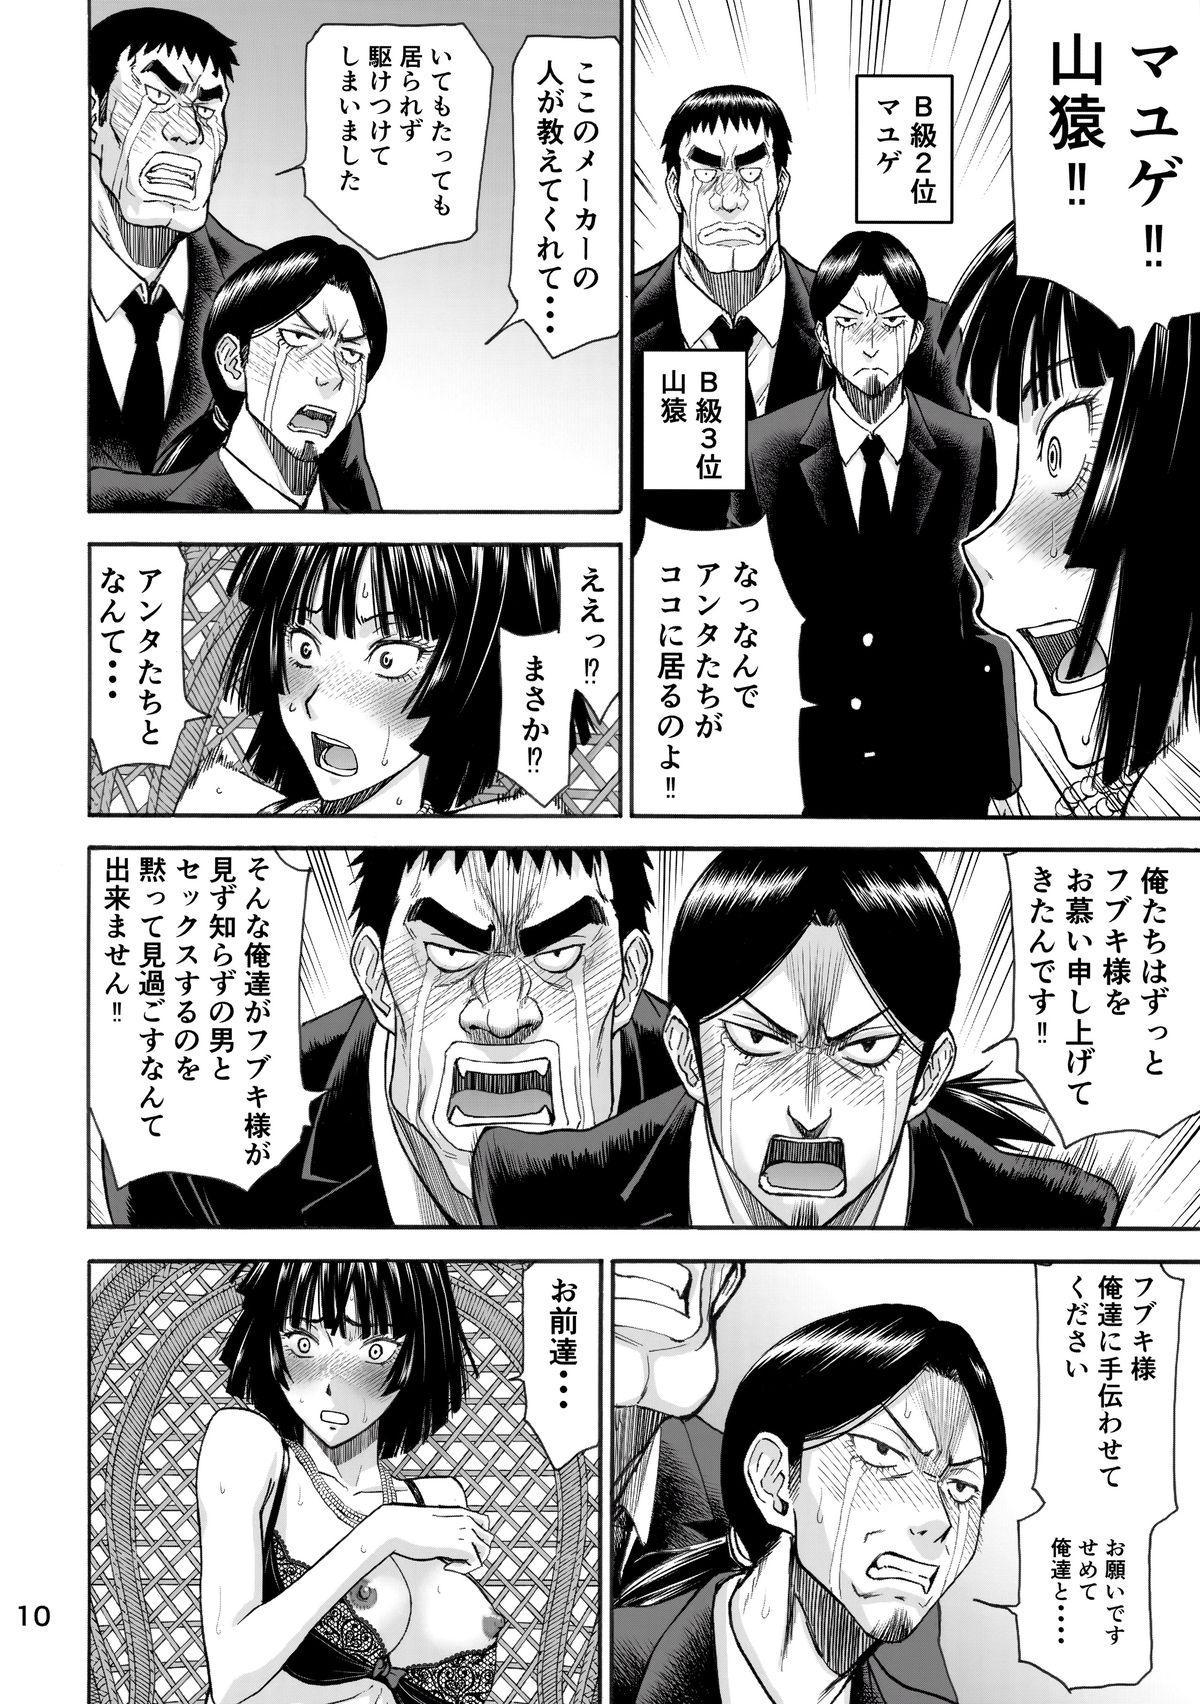 (C89) [High Thrust (Inomaru)] Geneki B-kyuu 1-i Hero Jigoku no Fubuki AV Debut!! (One Punch Man) 9